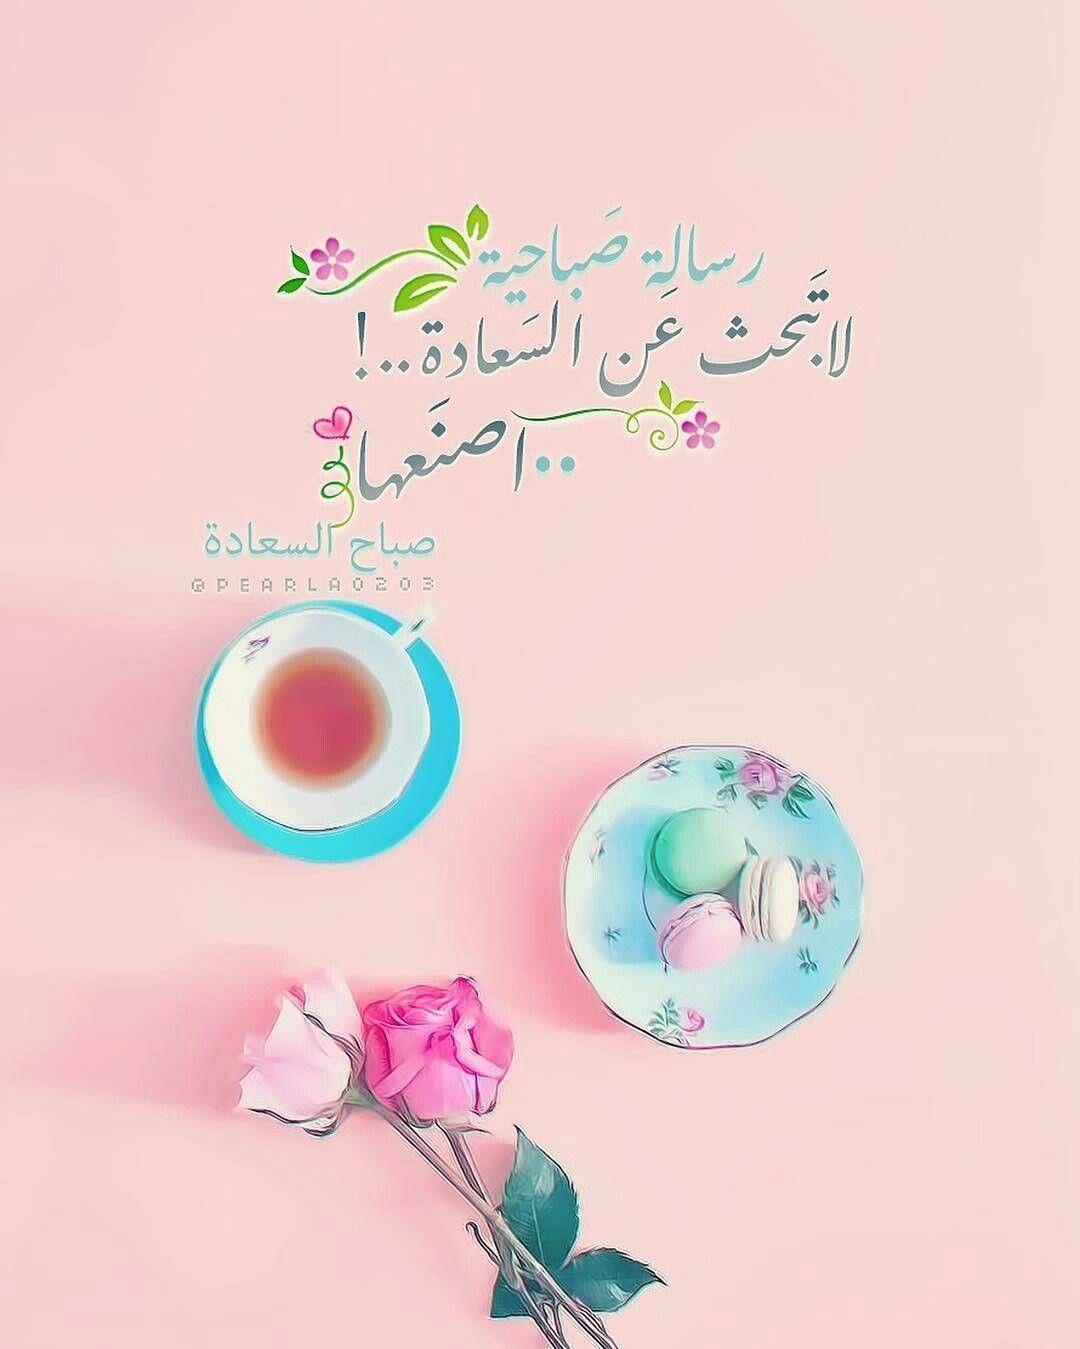 صباح الخيرات والمسرات صباح الورد صباحيات صبح صباح صباحو صبح صبح منقول مقتبس تصميم ت Morning Images Holy Quran Cards